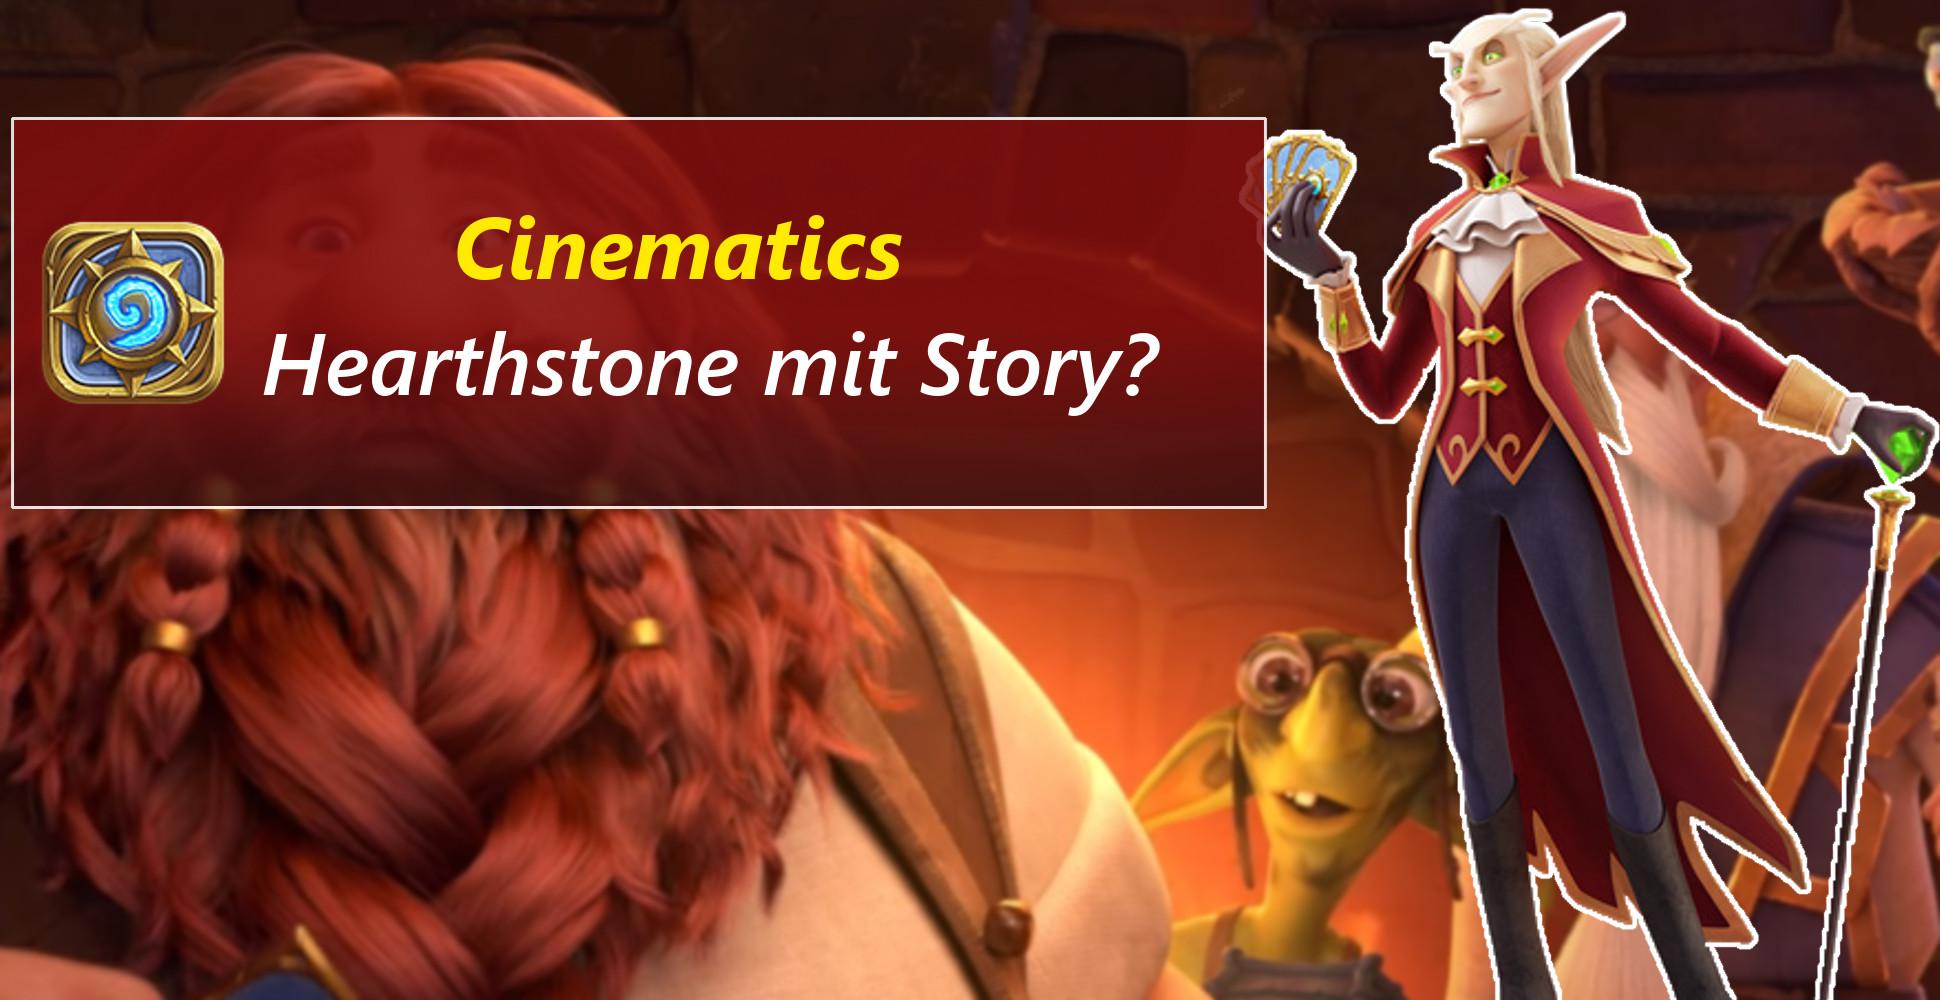 """Hearthstone: """"Gute Laune""""-Cinematic soll Geist des Spiels einfangen"""